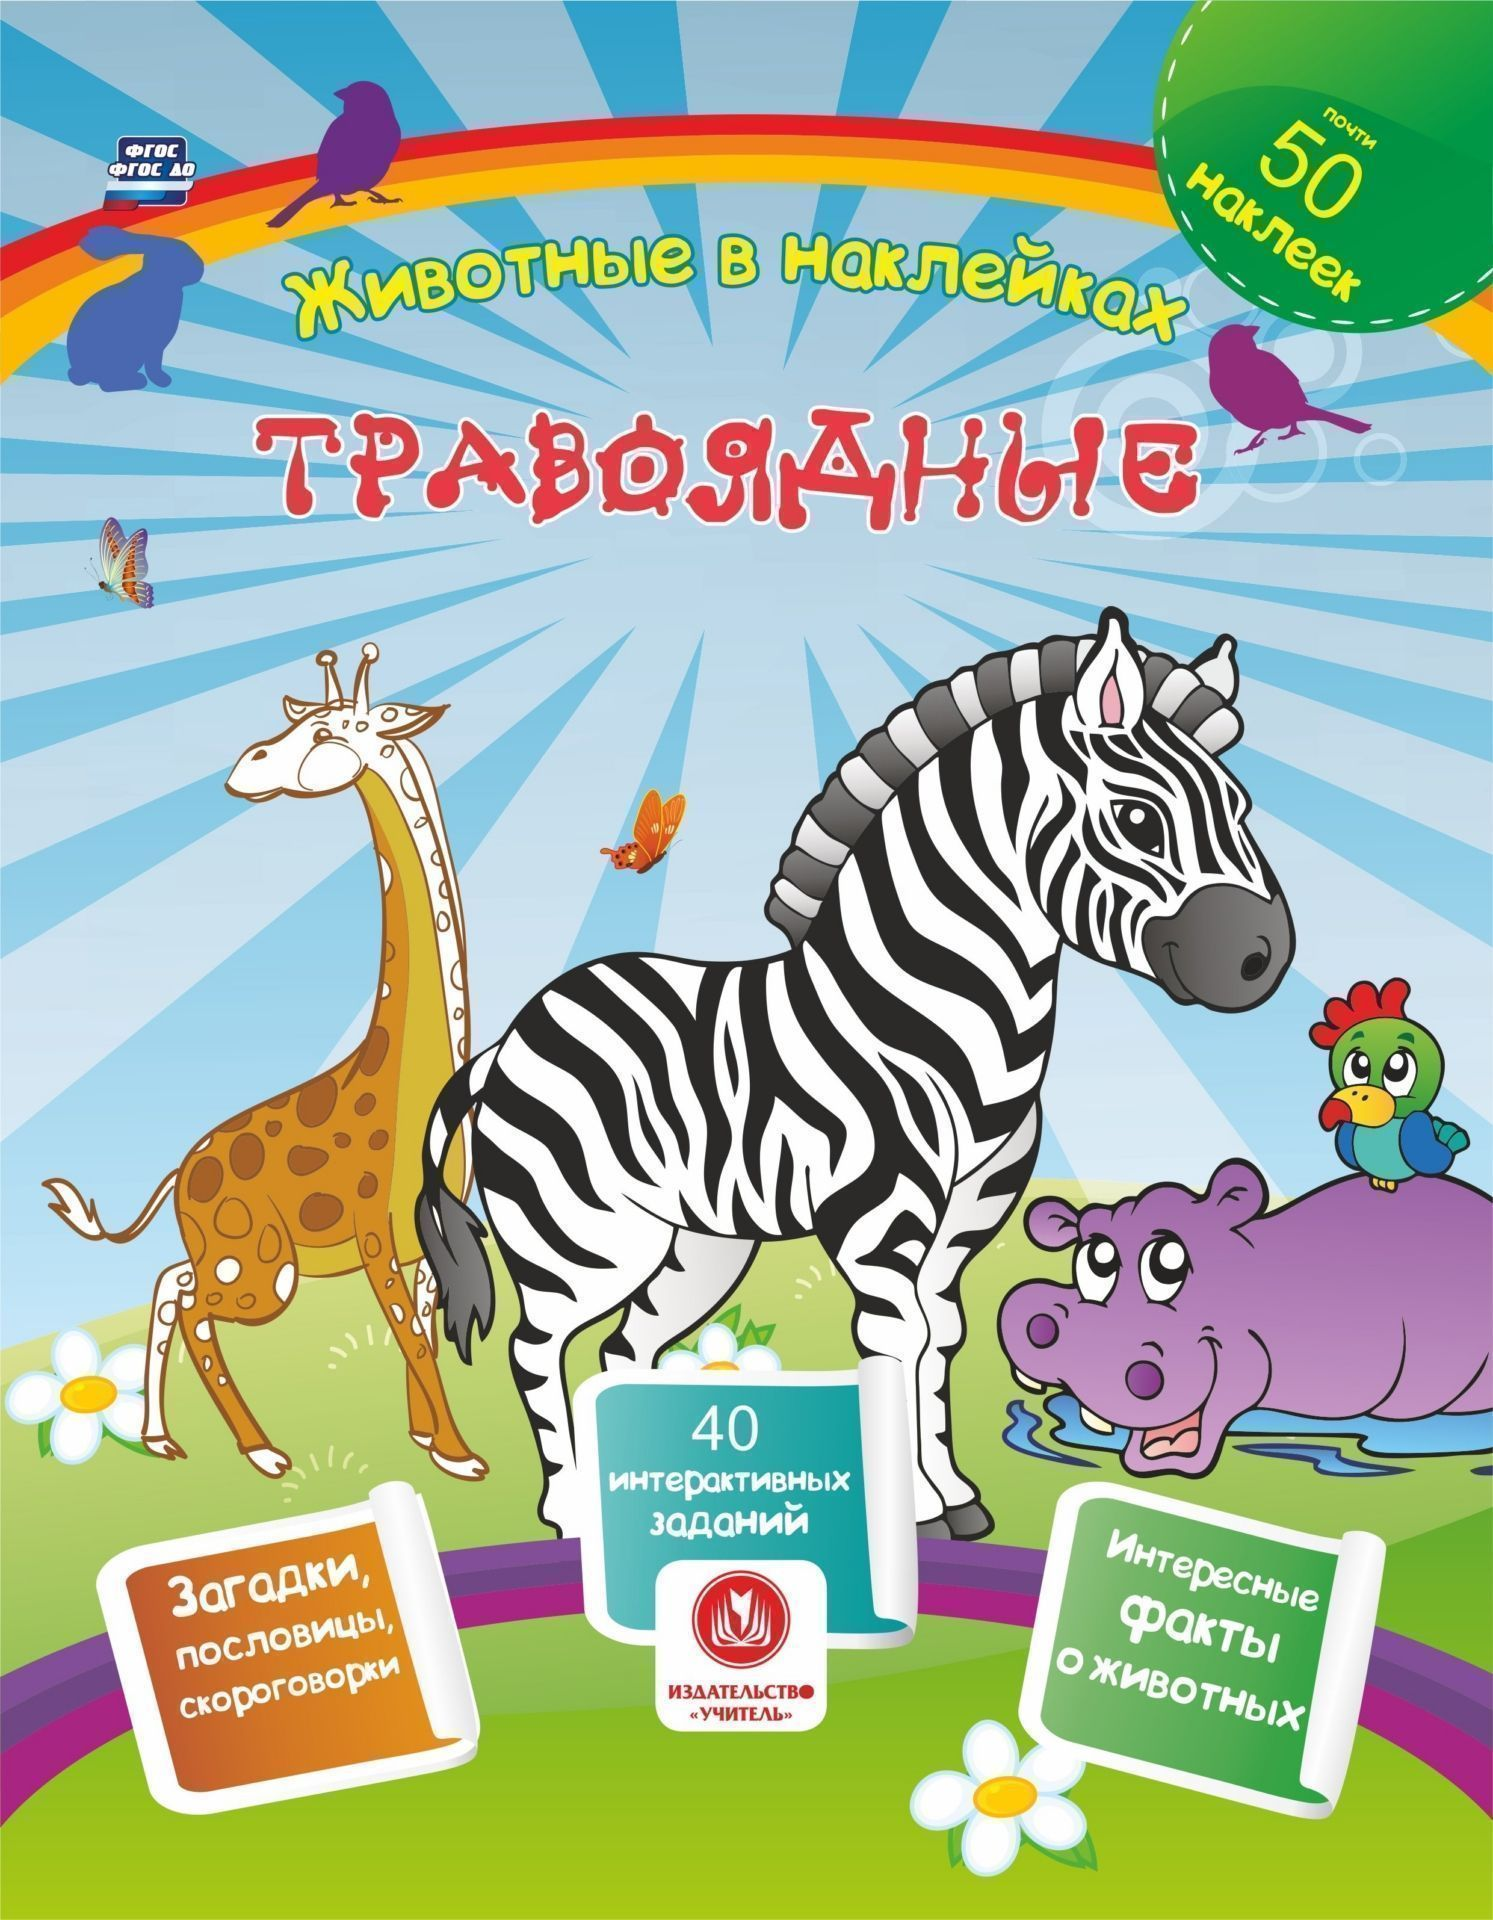 Травоядные. Сборник развивающих заданий с наклейками: загадки, пословицы, скороговорки. 40 интерактивных заданий. Интересные факты о животныхВоспитателю ДОО<br>Блок Травоядные содержит лист с яркими наклейками травоядных животных: фотоизображения жирафа, слона, зебры, кенгуру, носорога, бегемота - животных дикой африканской и австралийской саванны; черепахи - обитательницы океанических вод, огромного, умного и...<br><br>Авторы: Наталья Литвиненко<br>Год: 2017<br>Серия: Животные в наклейках<br>ISBN: 978-5-7057-4914-0, 9785705749140<br>Высота: 260<br>Ширина: 205<br>Толщина: 1<br>Переплёт: мягкая, скрепка